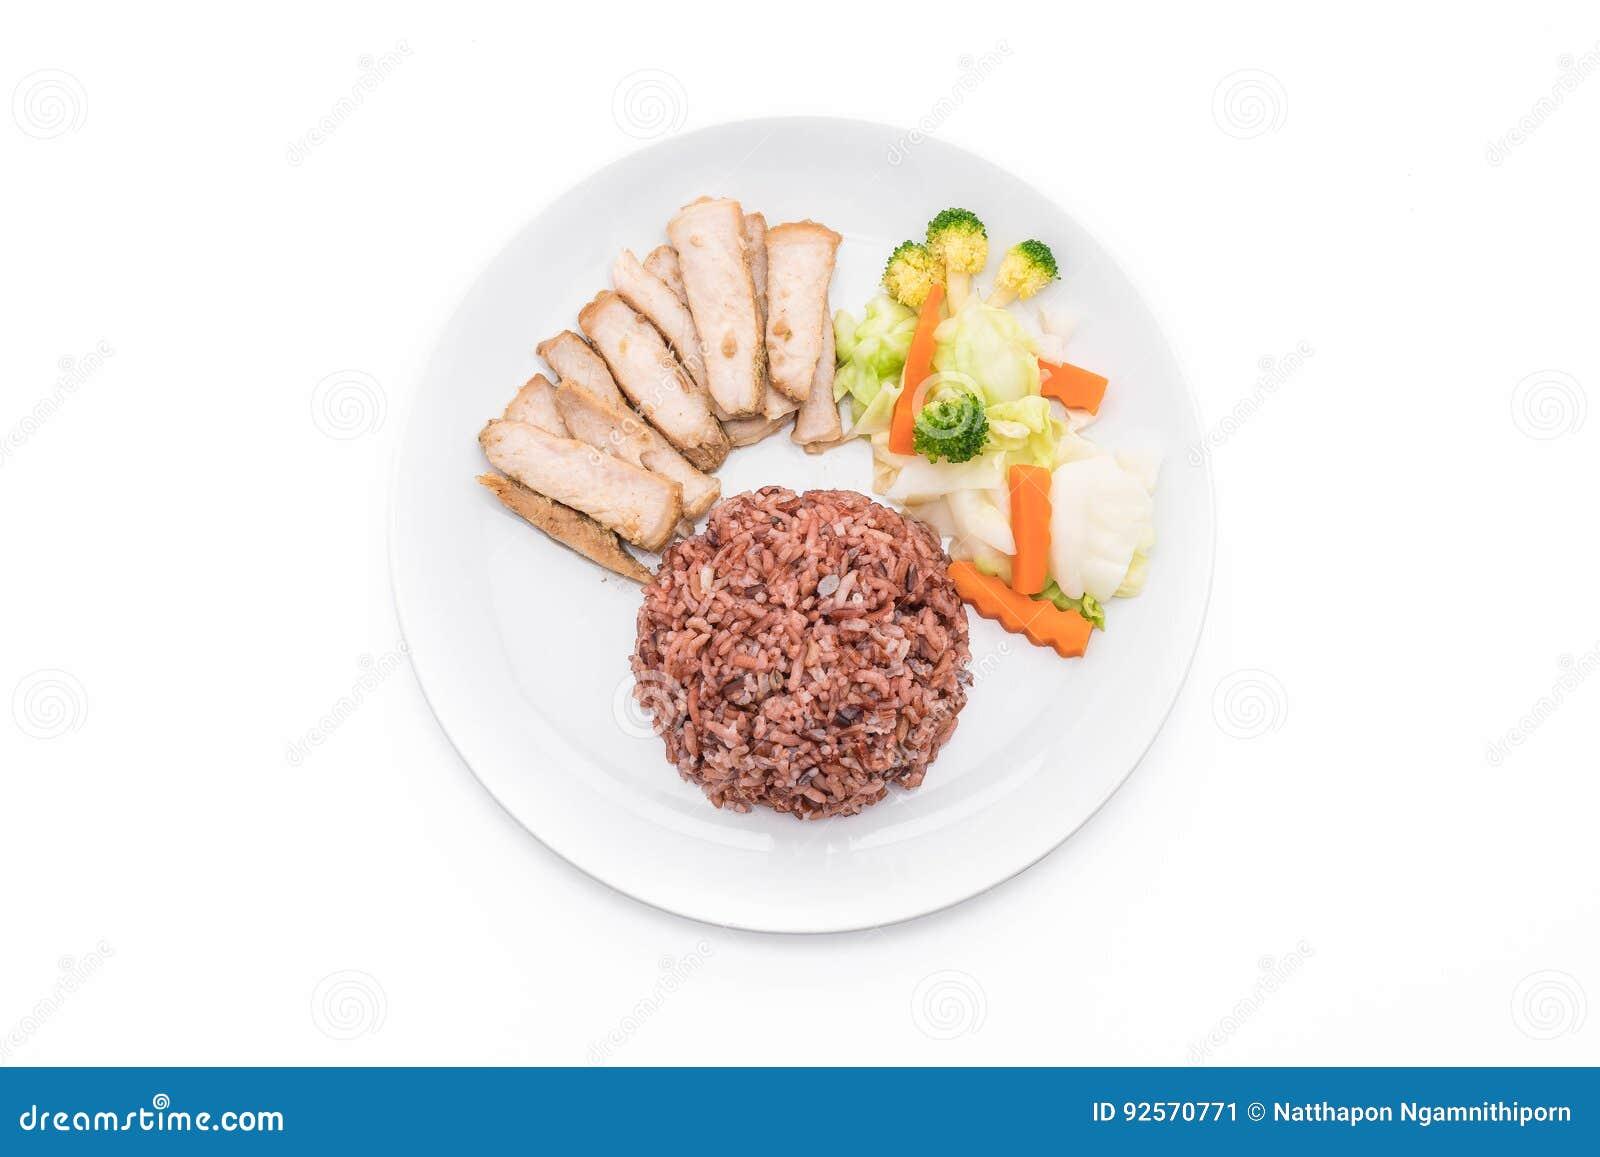 свинина жаркого с рисом ягоды